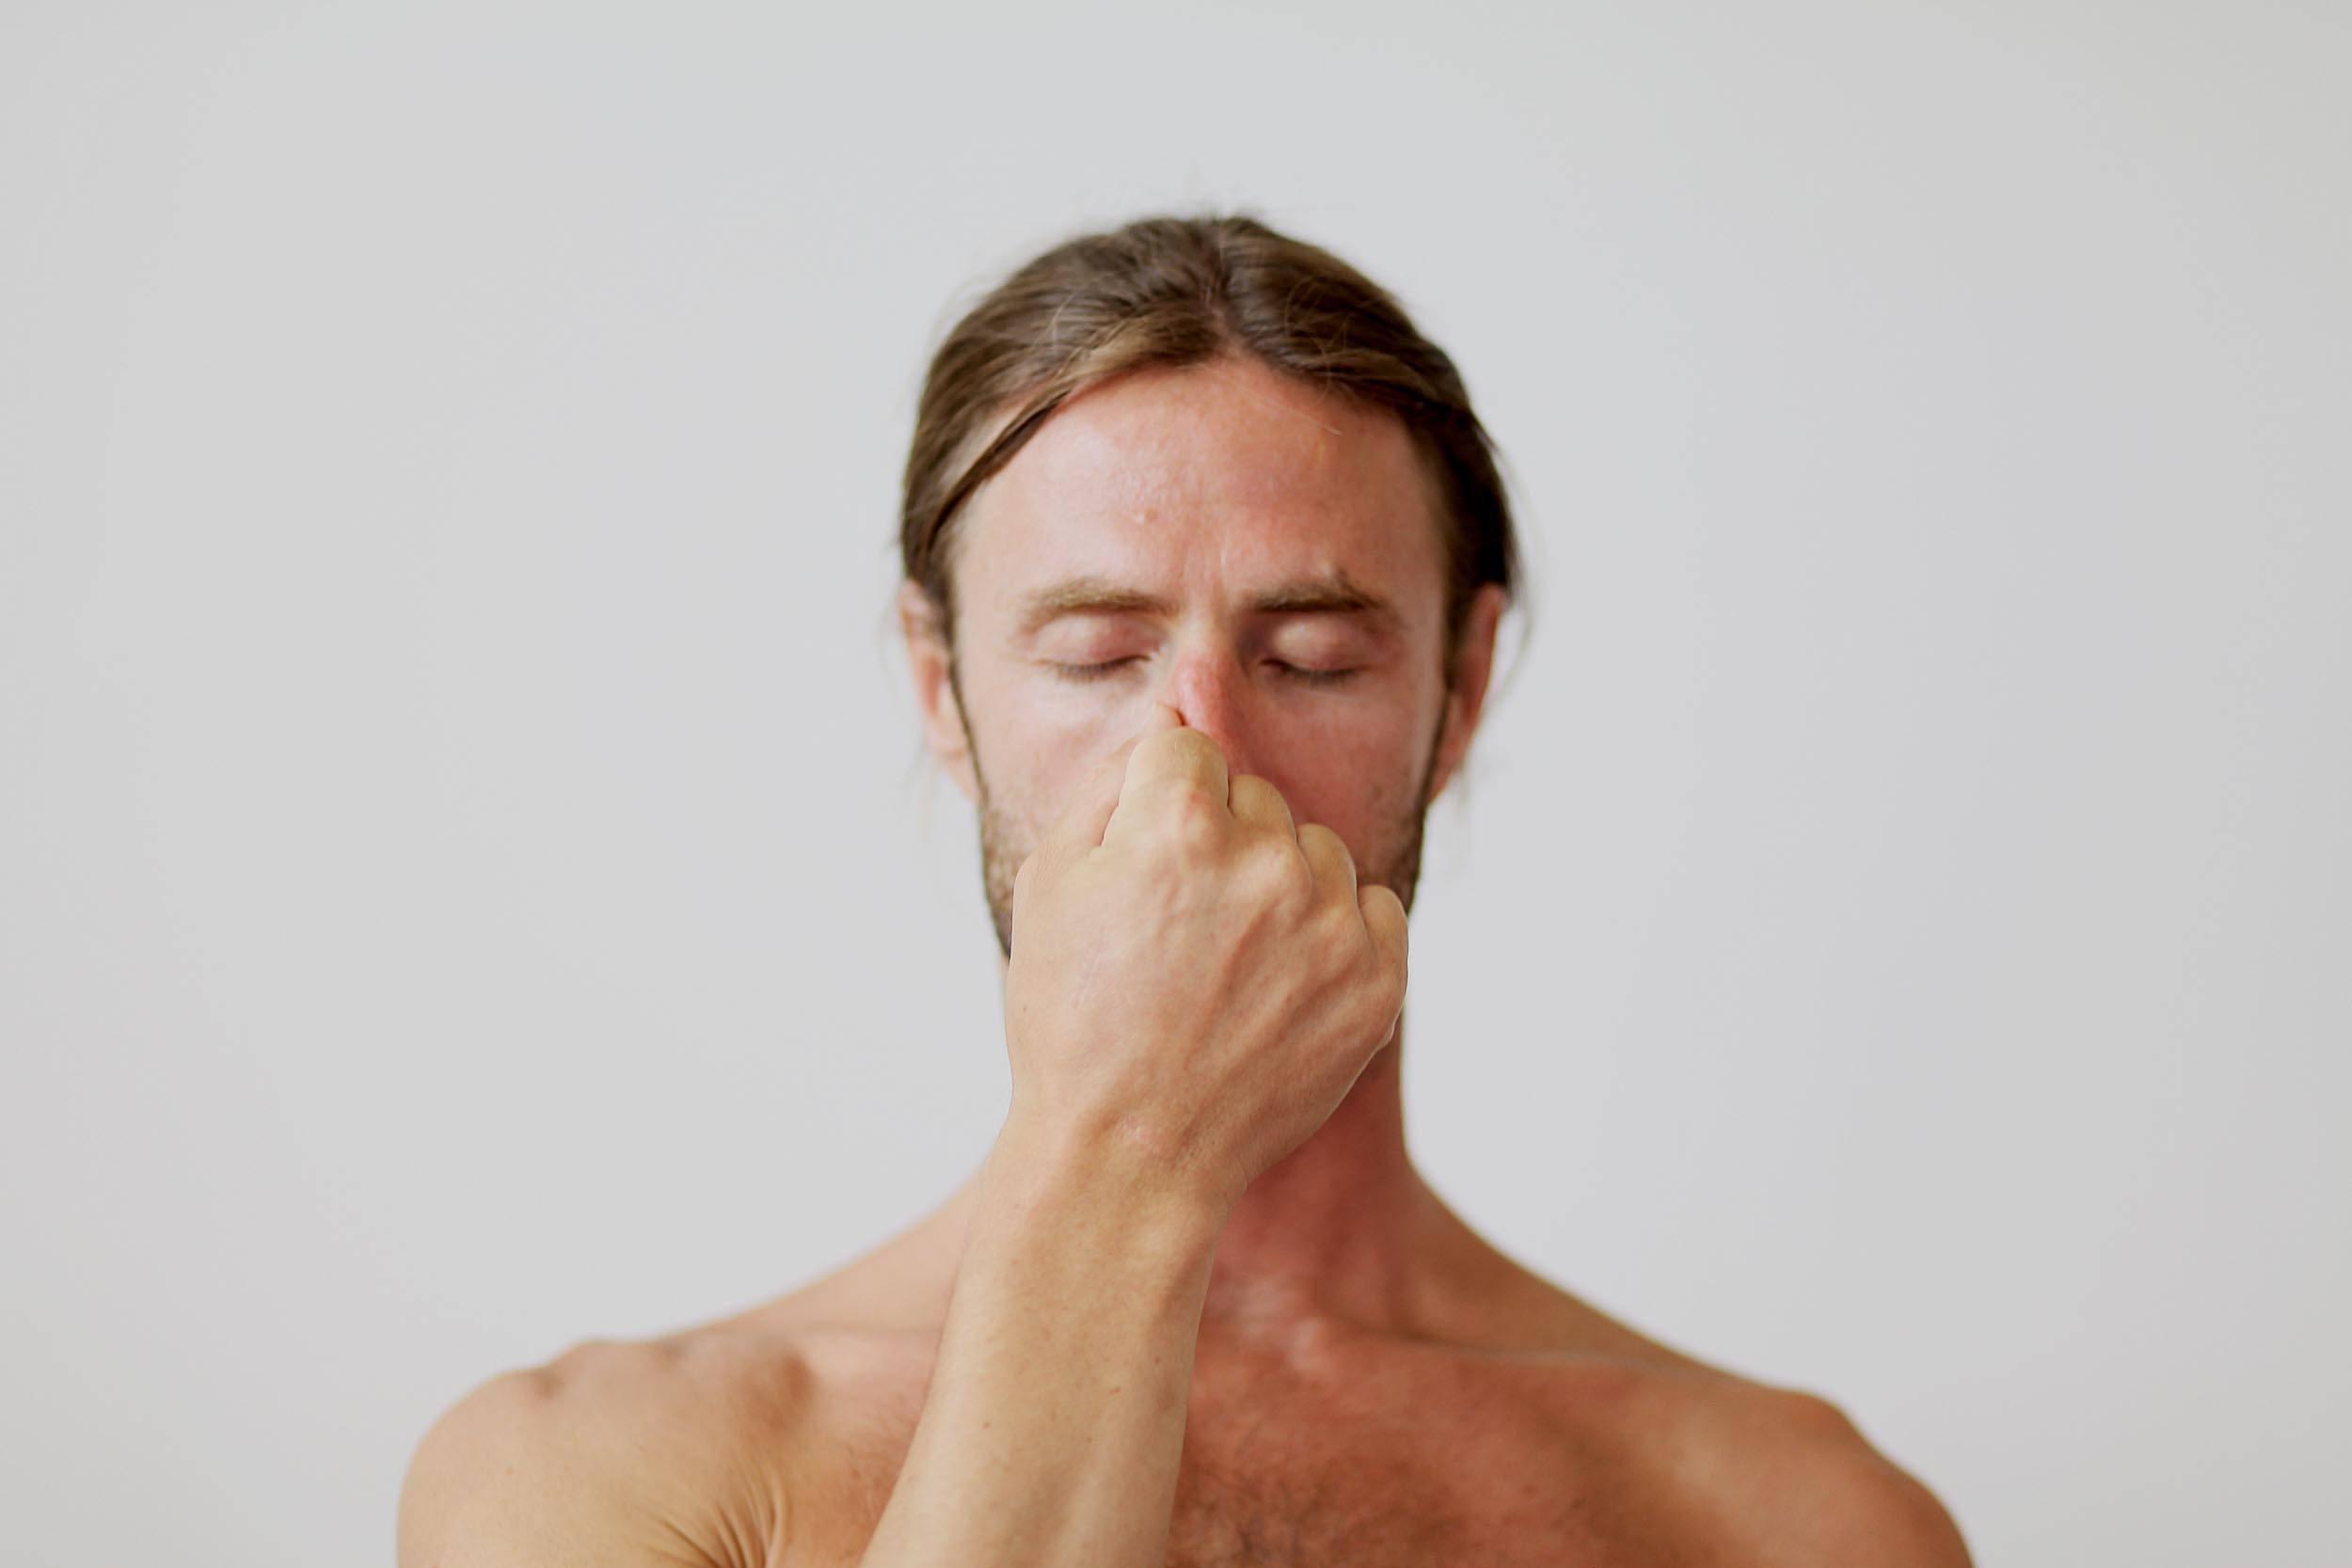 Упражнения при бронхите: дыхательные, по стрельниковой, для отхождения мокроты   компетентно о здоровье на ilive